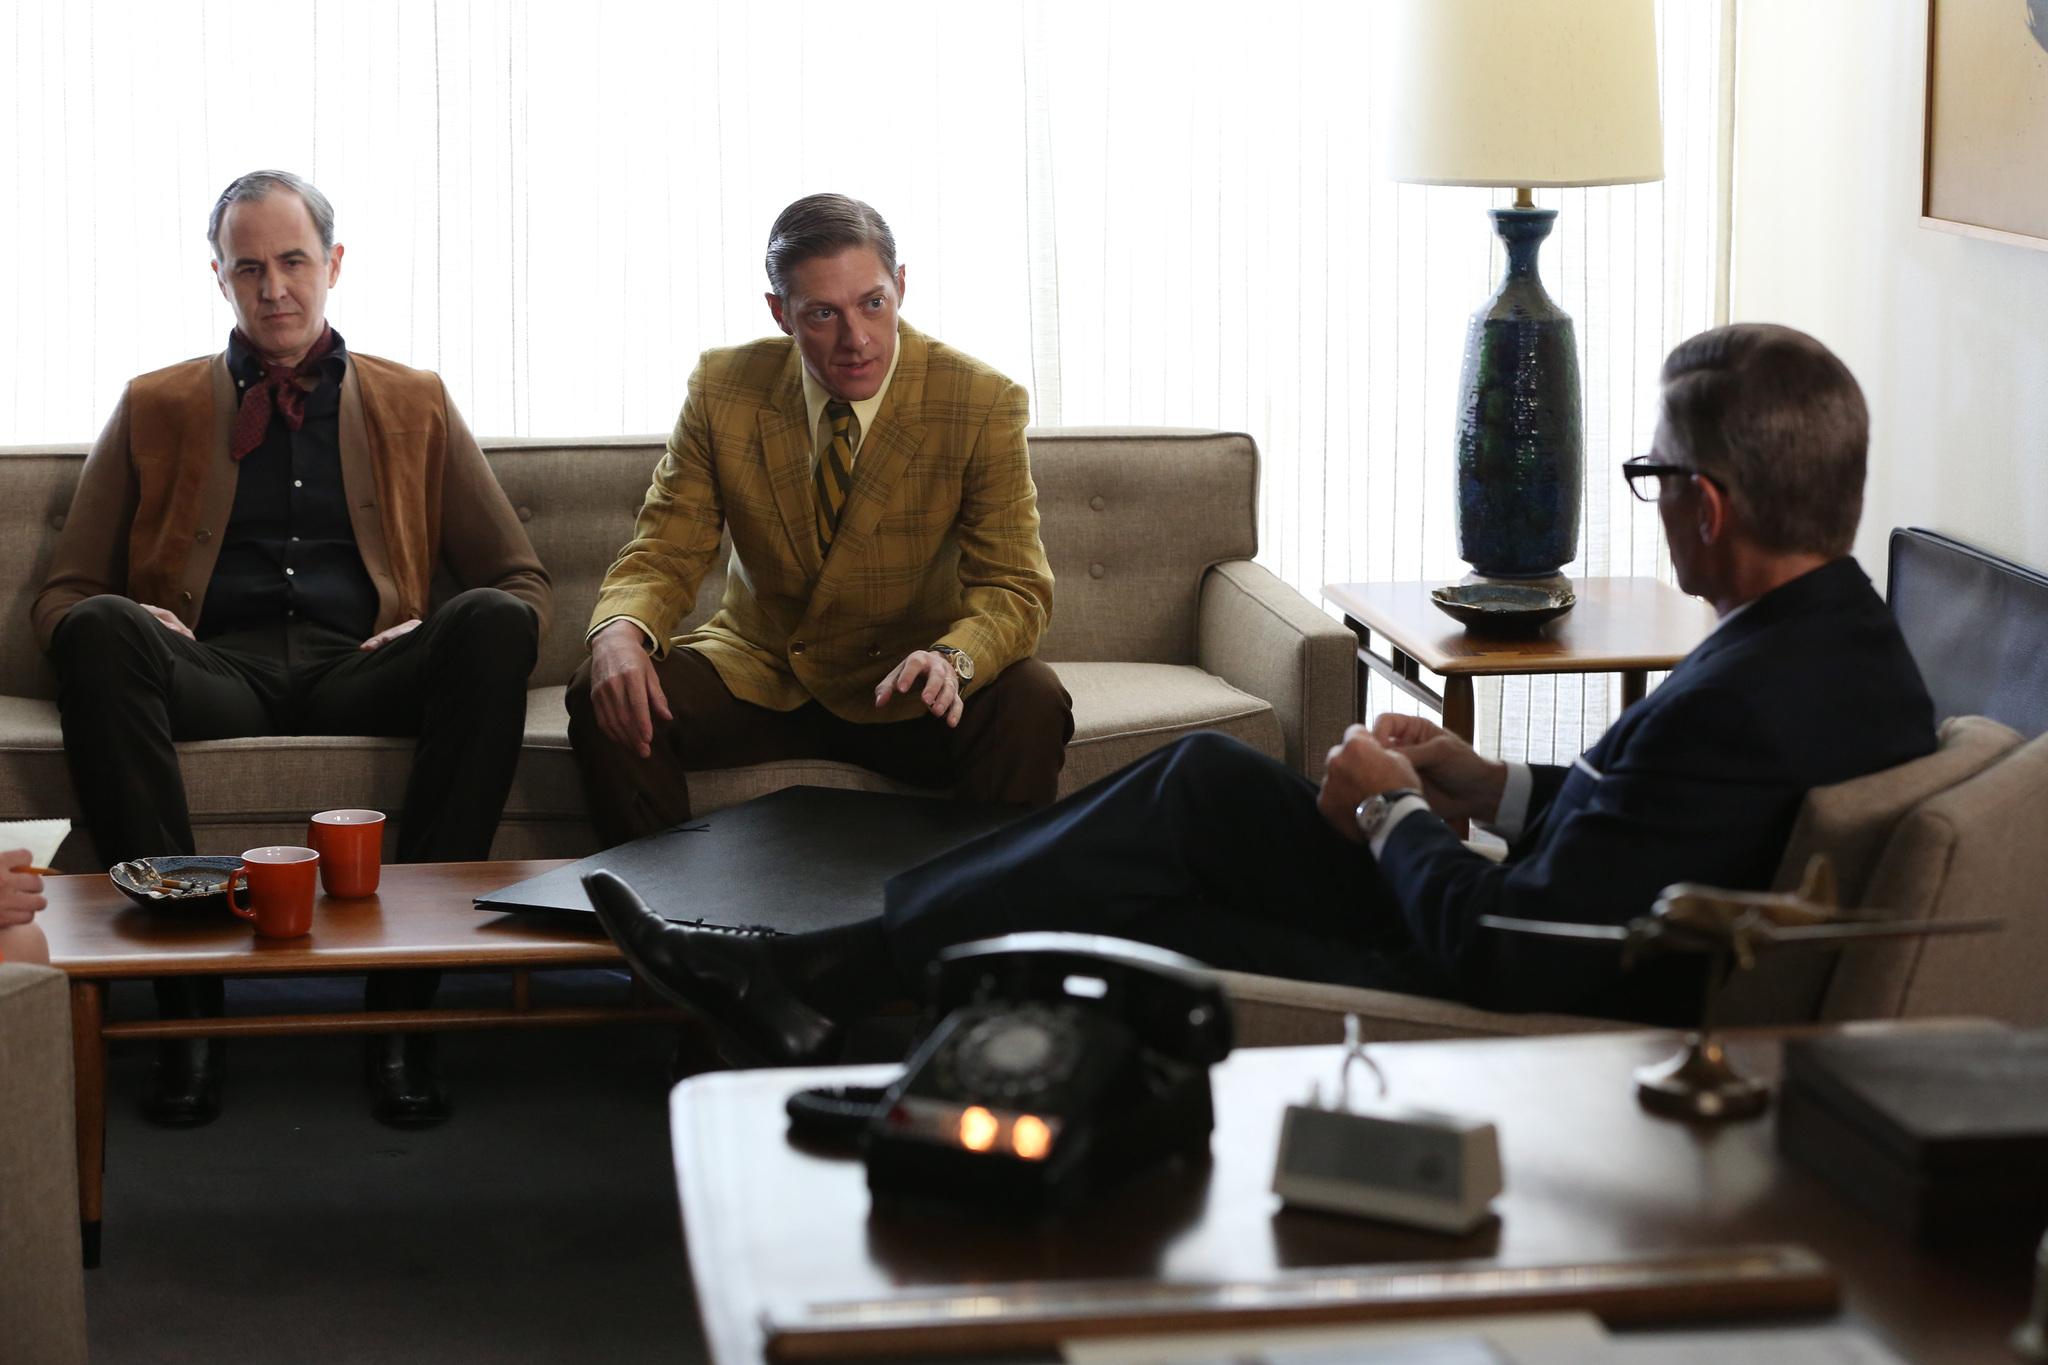 Still of Harry Hamlin, Craig Anton and Kevin Rahm in MAD MEN. Reklamos vilkai (2007)